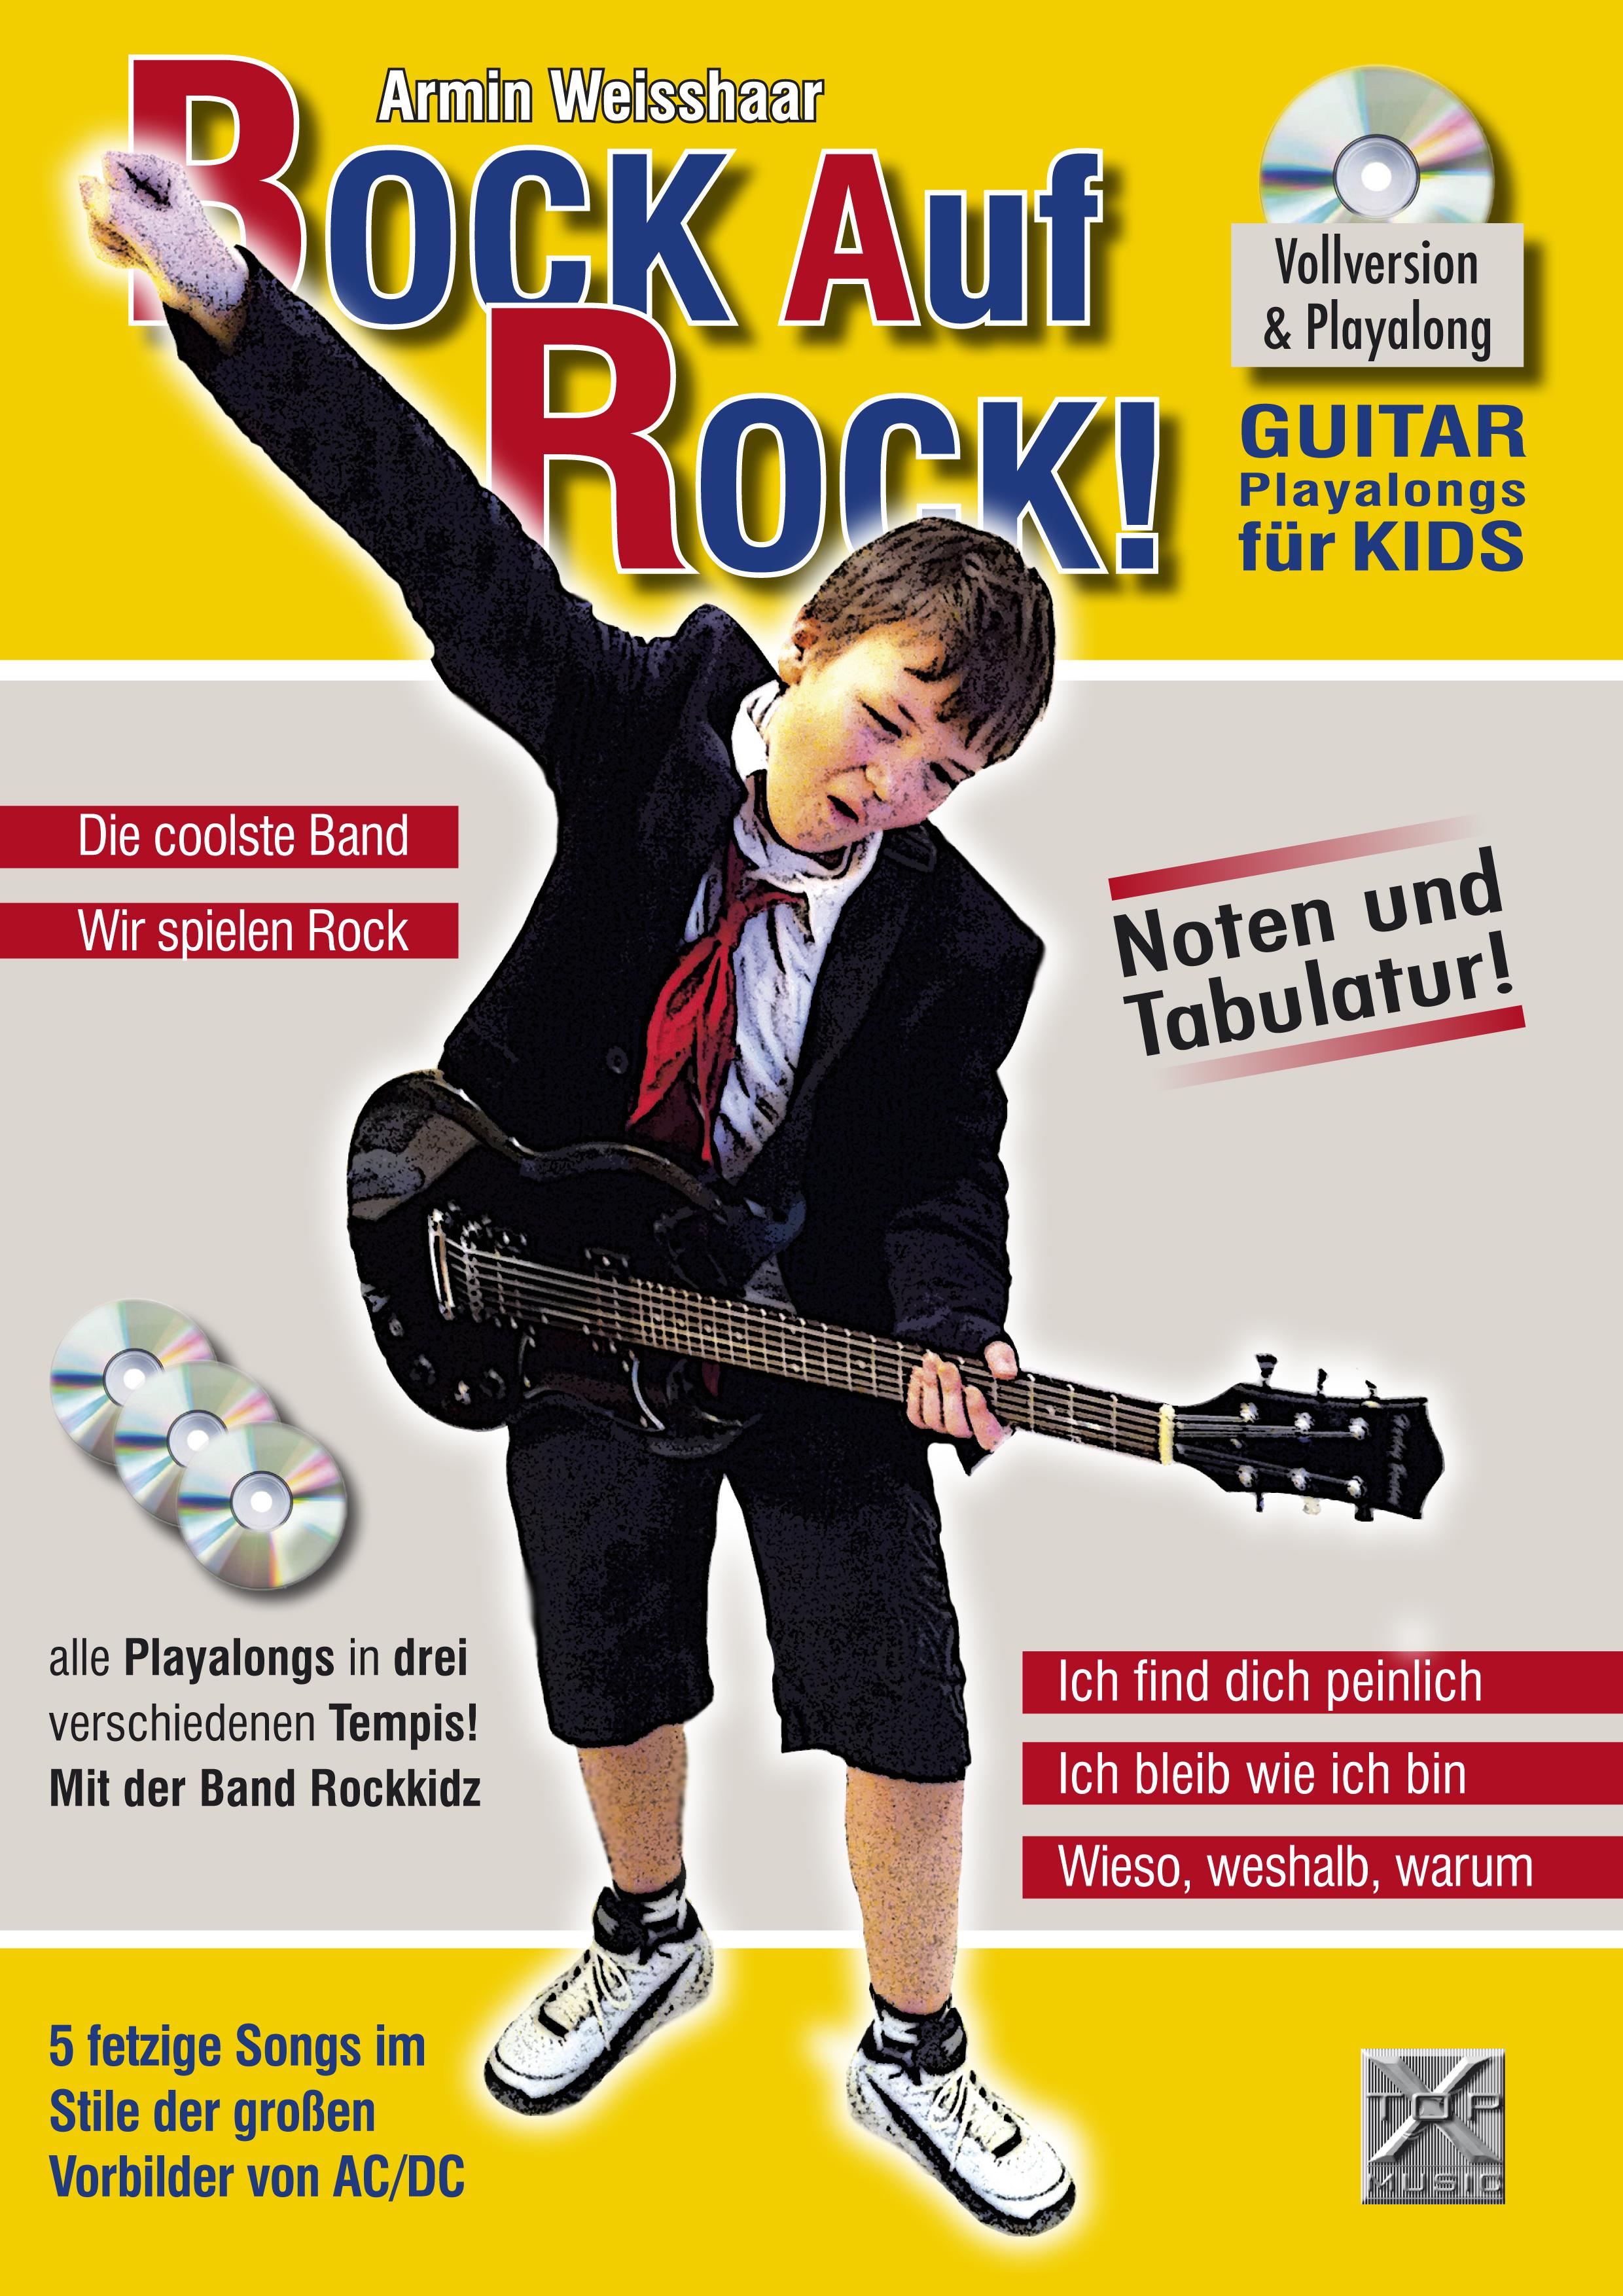 Bock auf Rock Armin Weisshaar